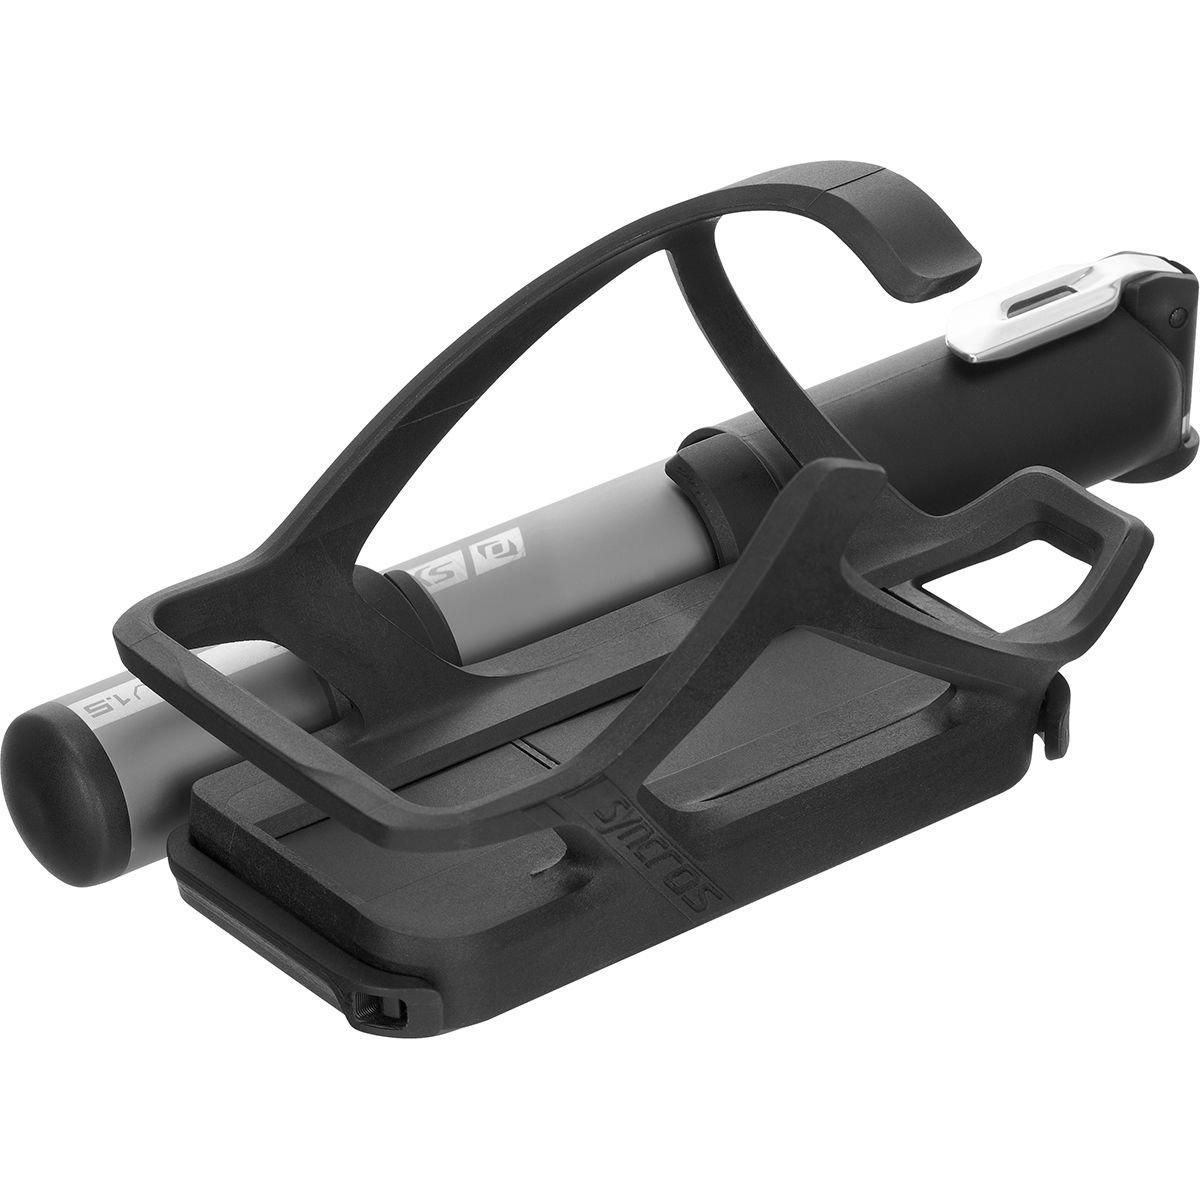 Syncros Matchbox Tailor Cage R Flaschenhalter inkl. Werkzeug und Mini HV 1.5 Pumpe